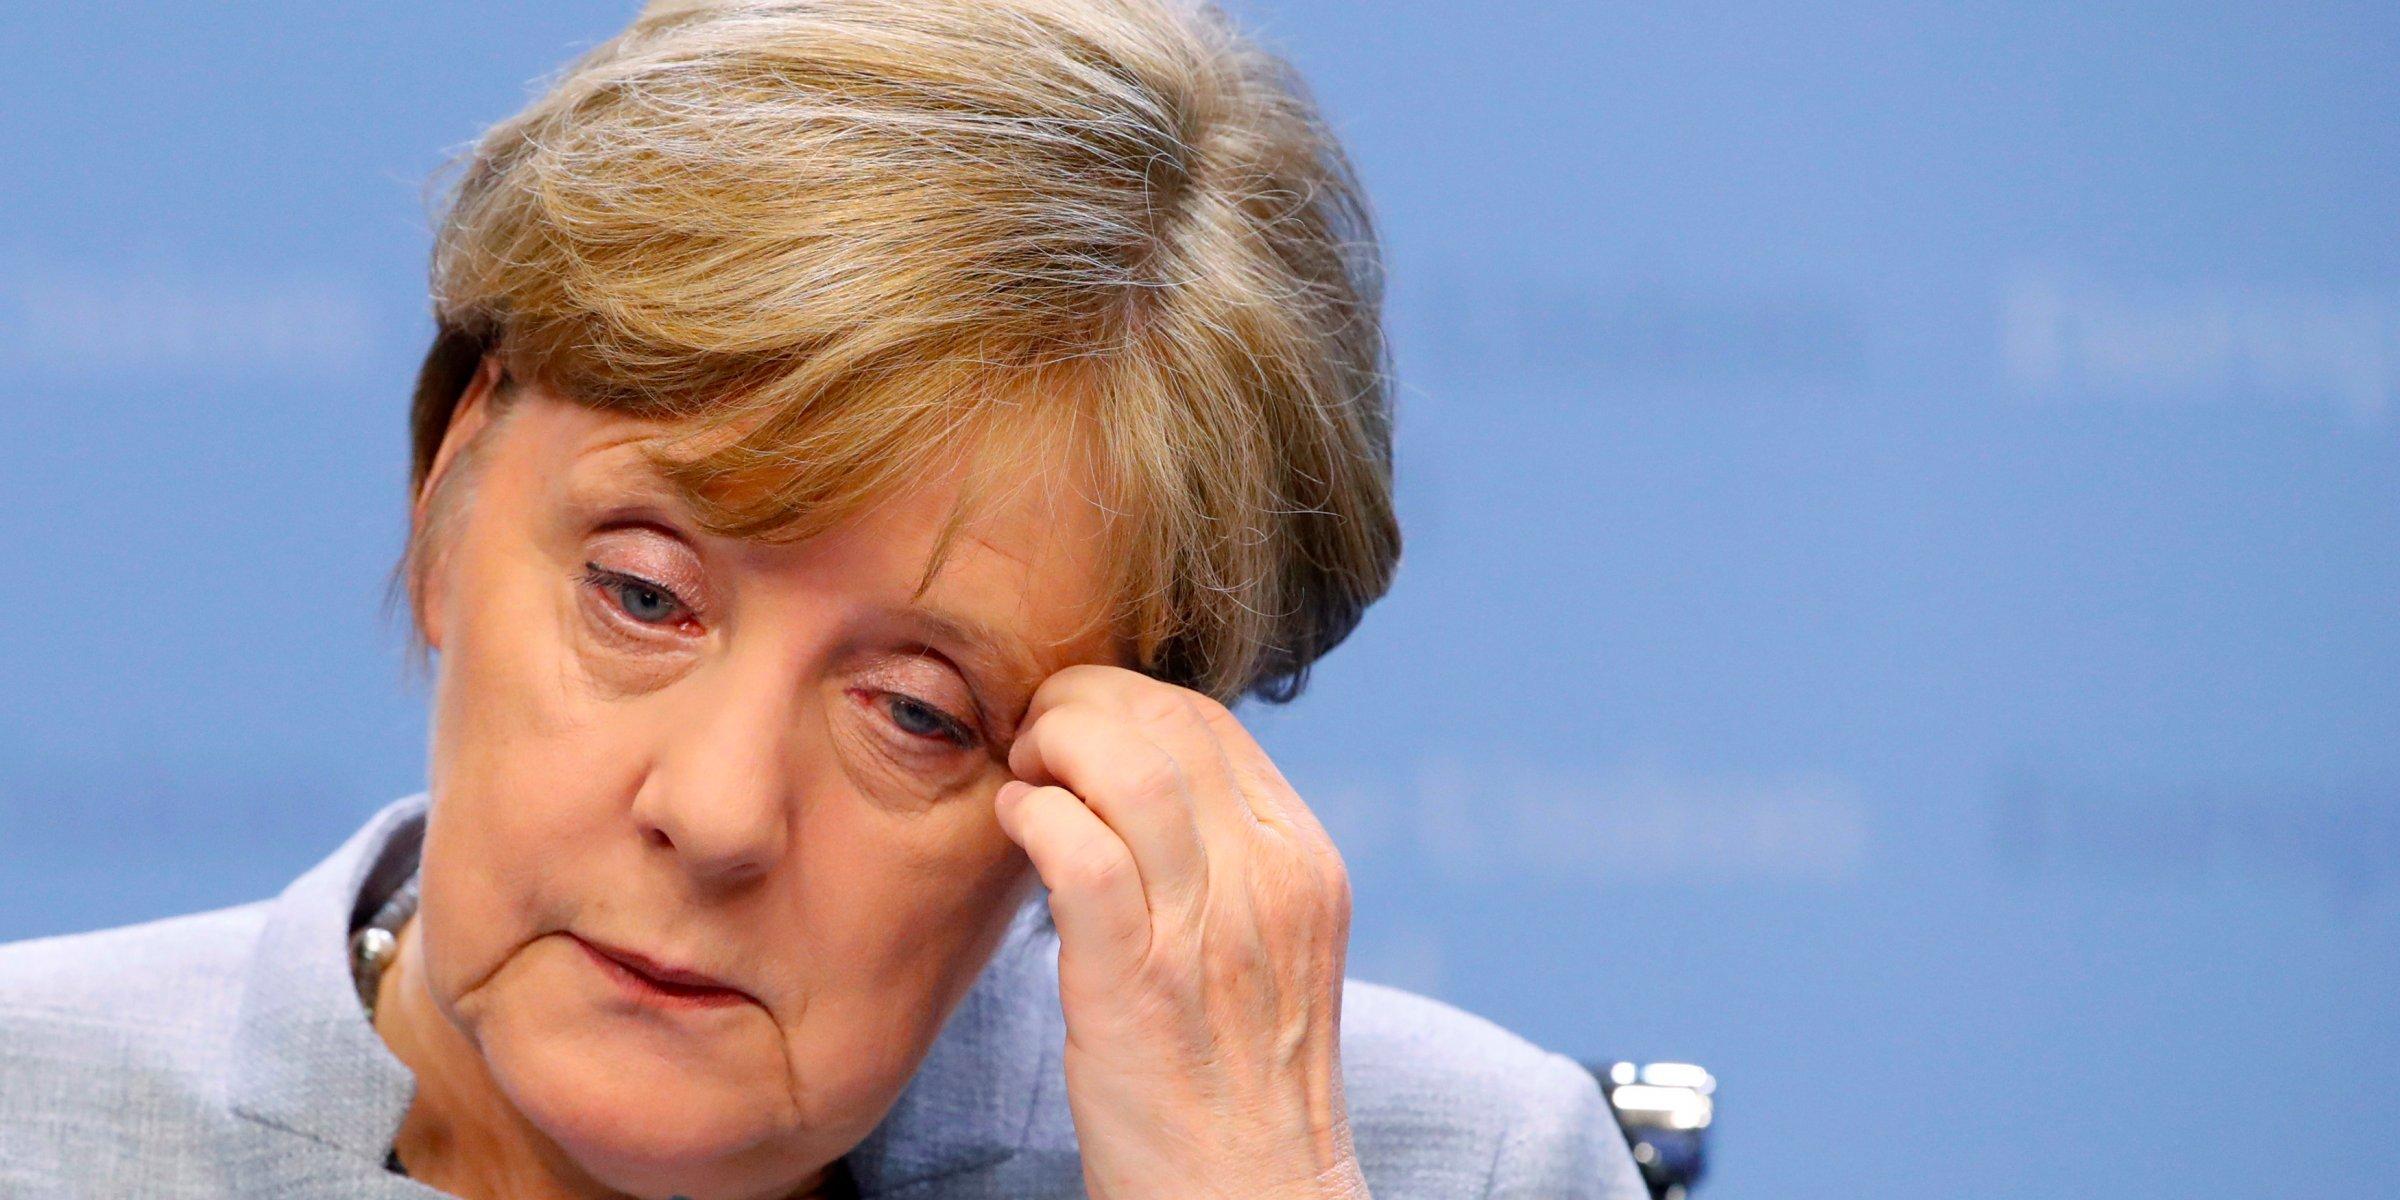 Лидеры партии «Альтернатива для Германии» настаивают на отставке Меркель